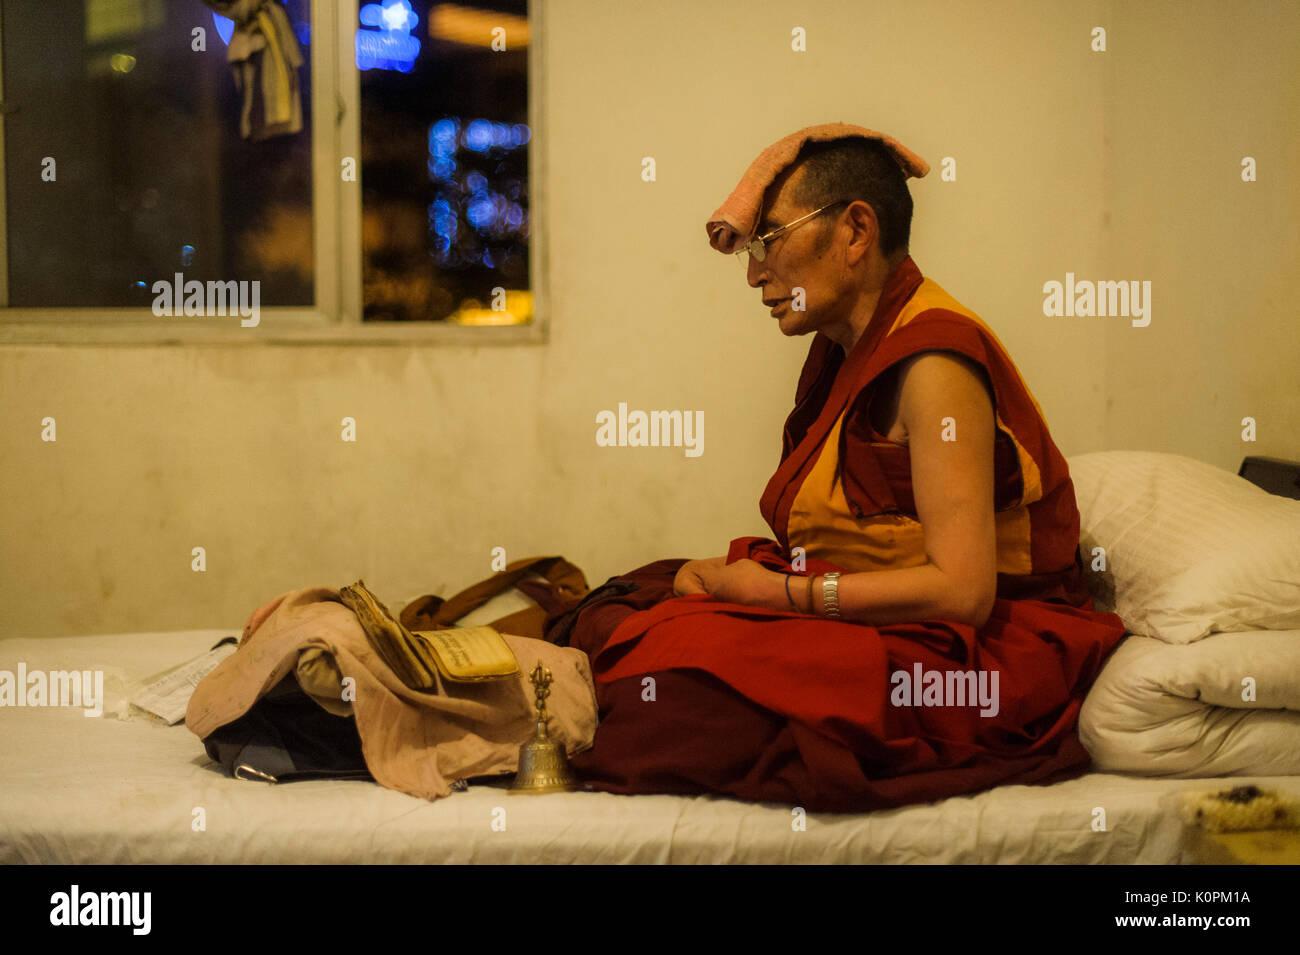 Tibetan Buddhist monk praying, Chengdu, China - Stock Image